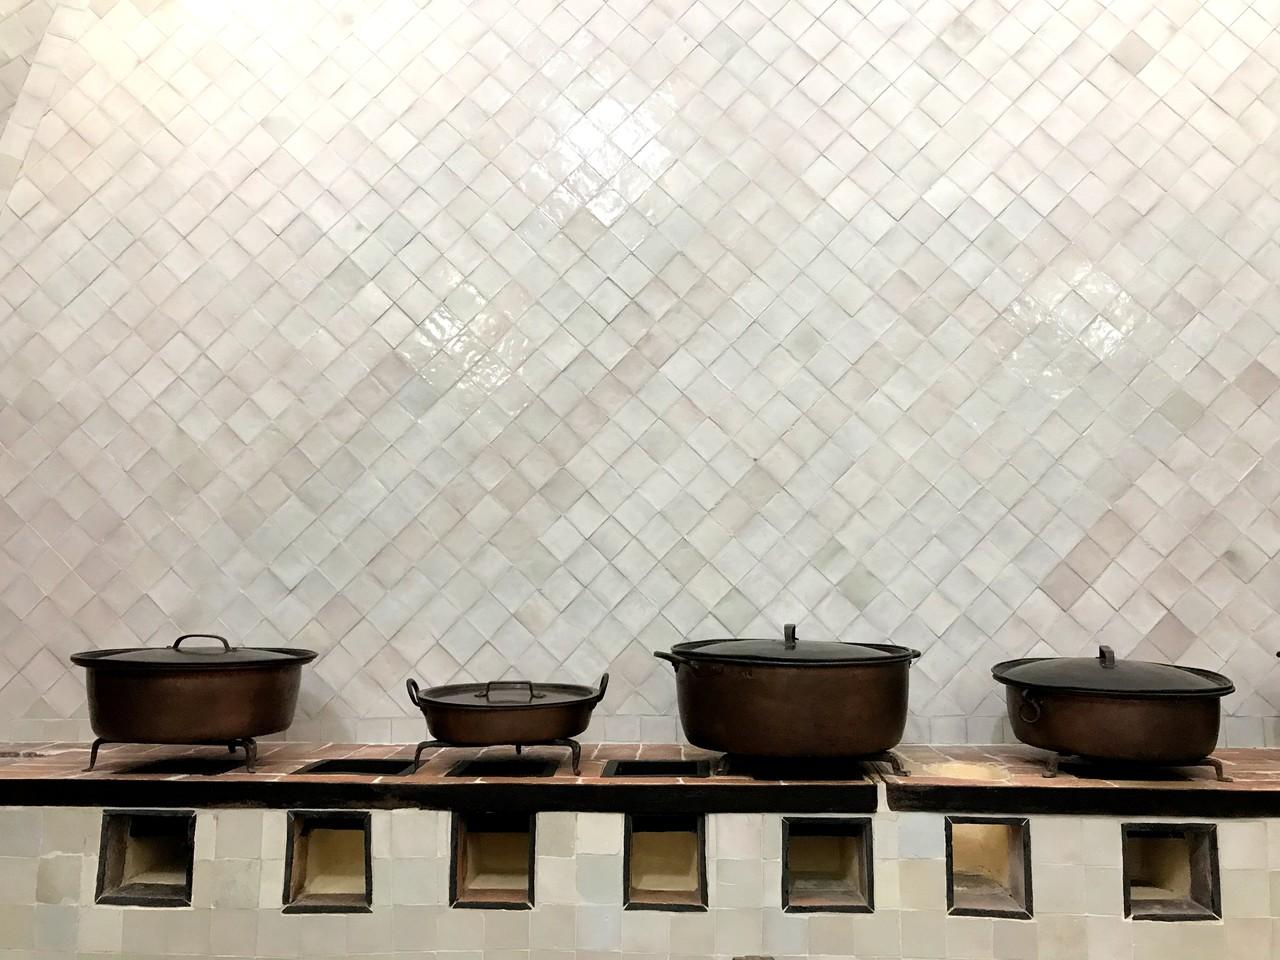 Panelas na cozinha do Palácio Nacional de Sintra